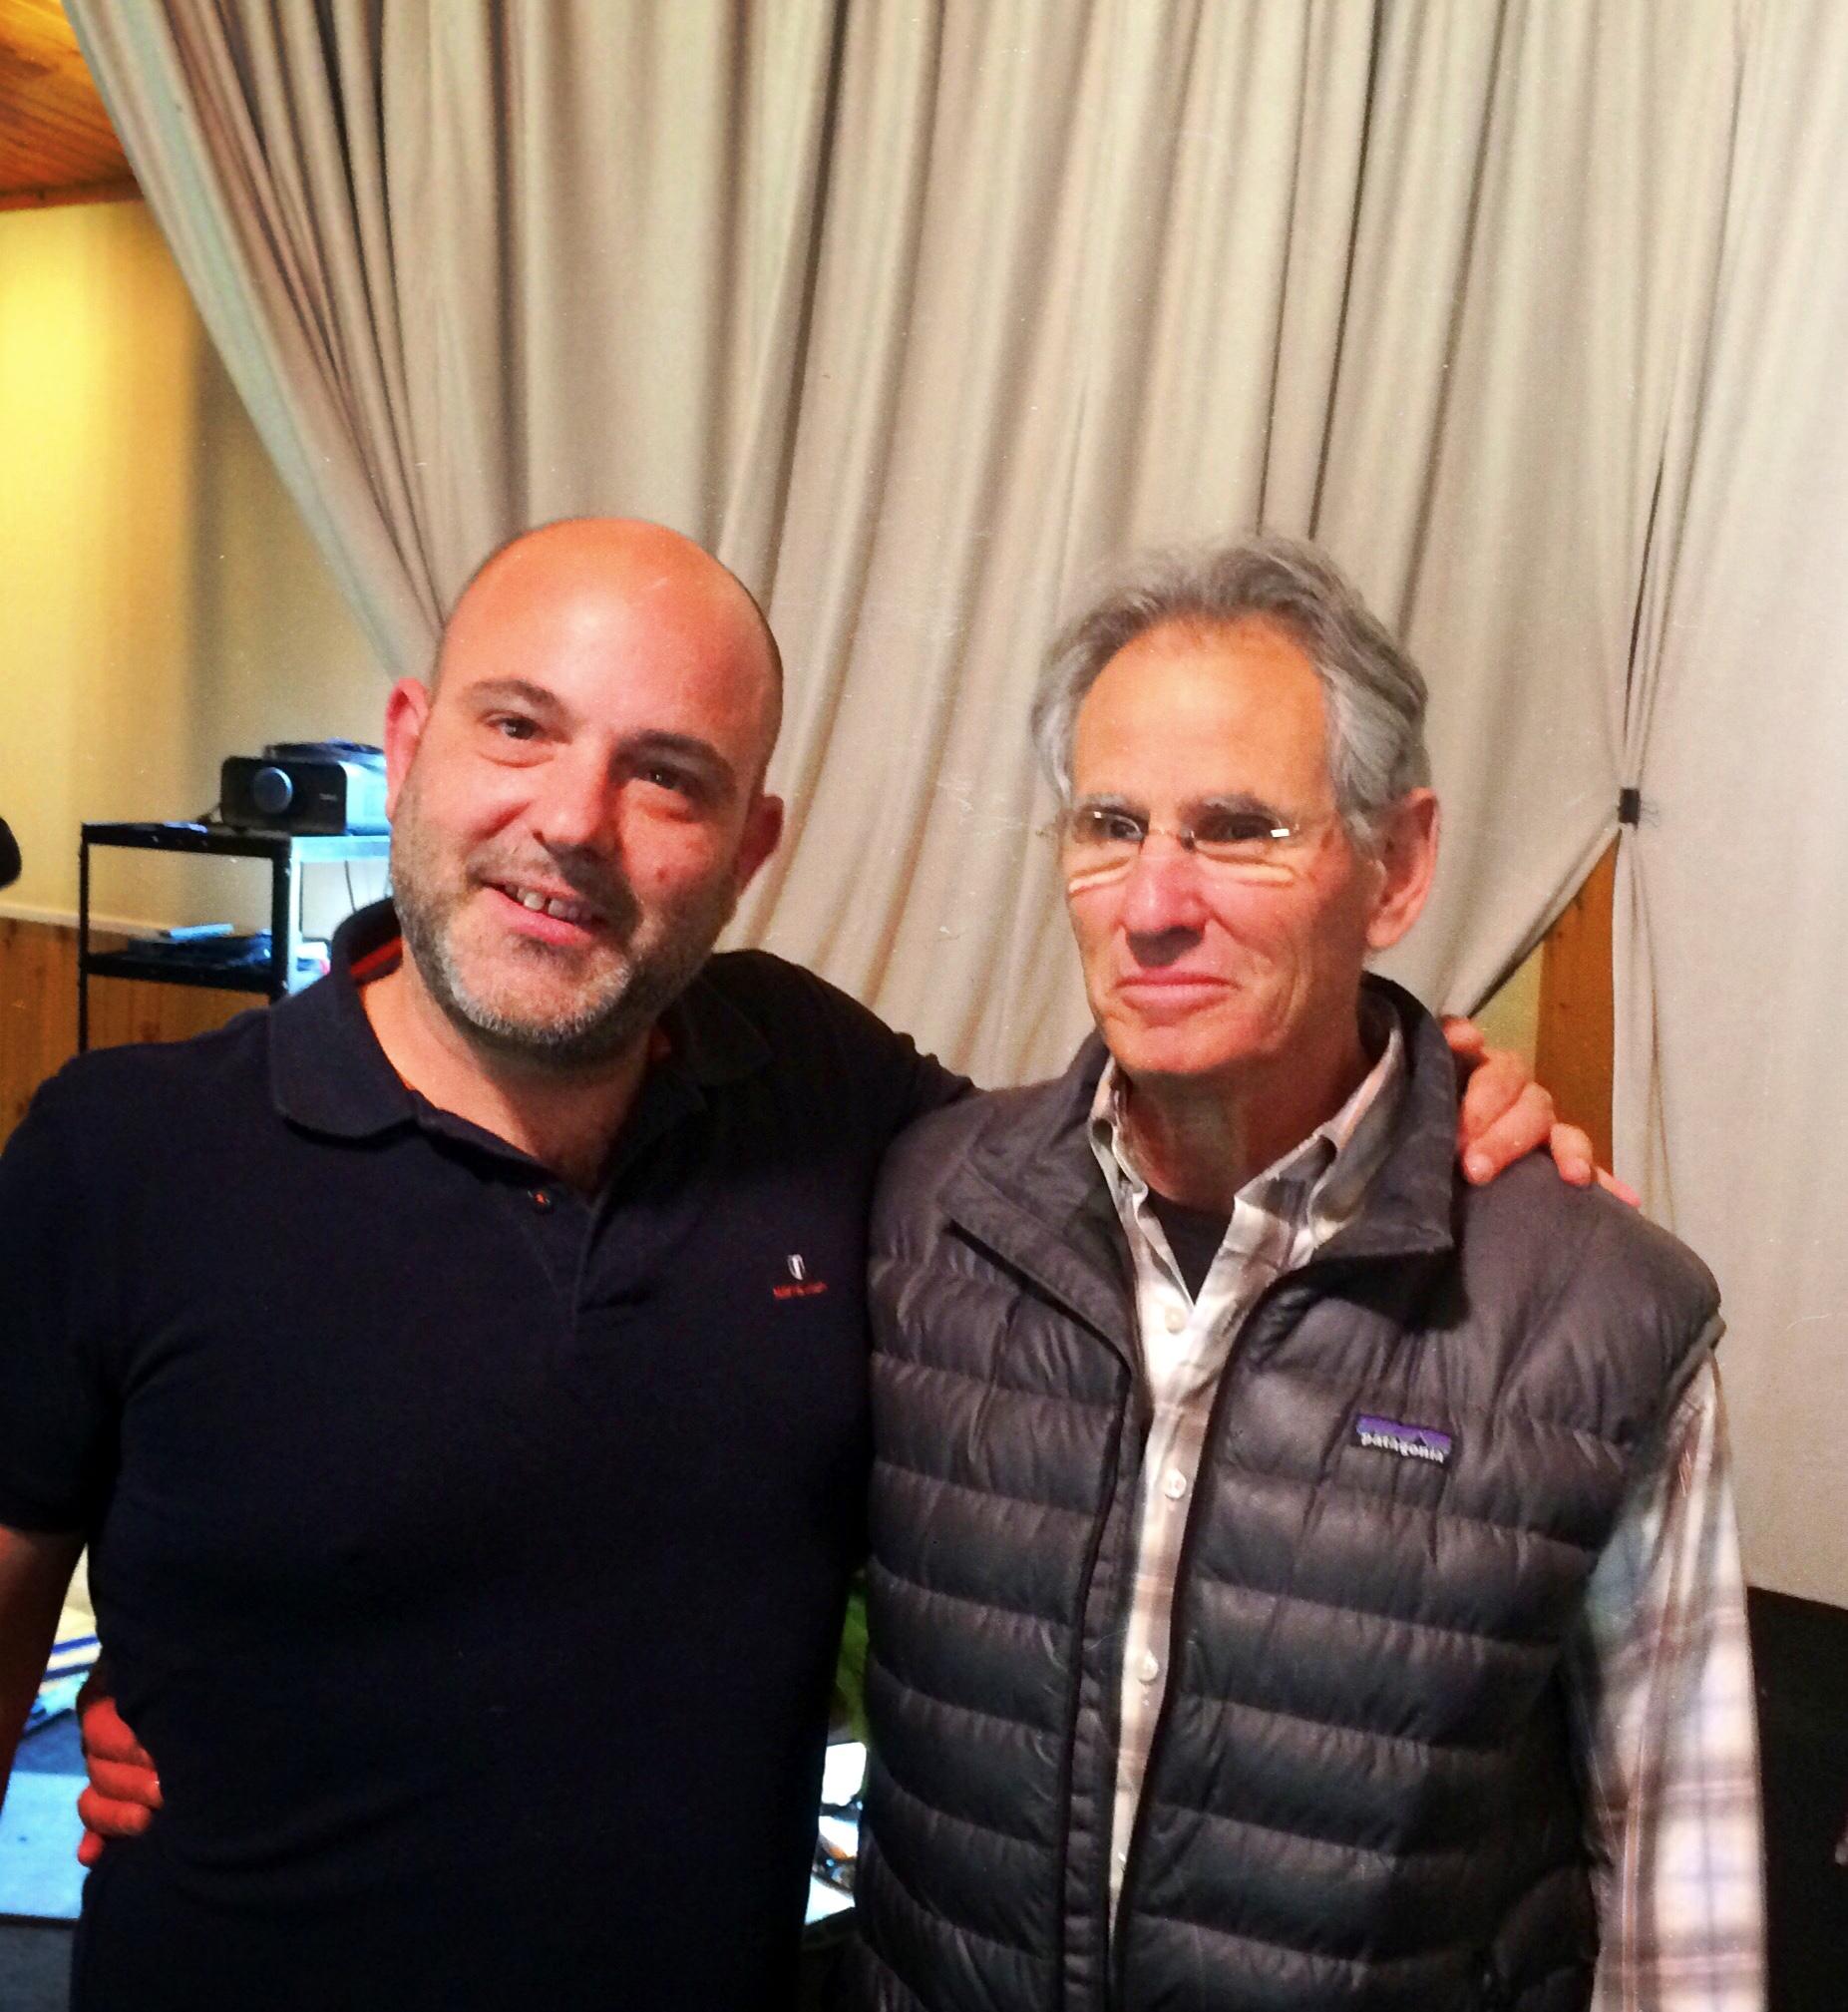 Vassilis with Jon Kabat-Zinn